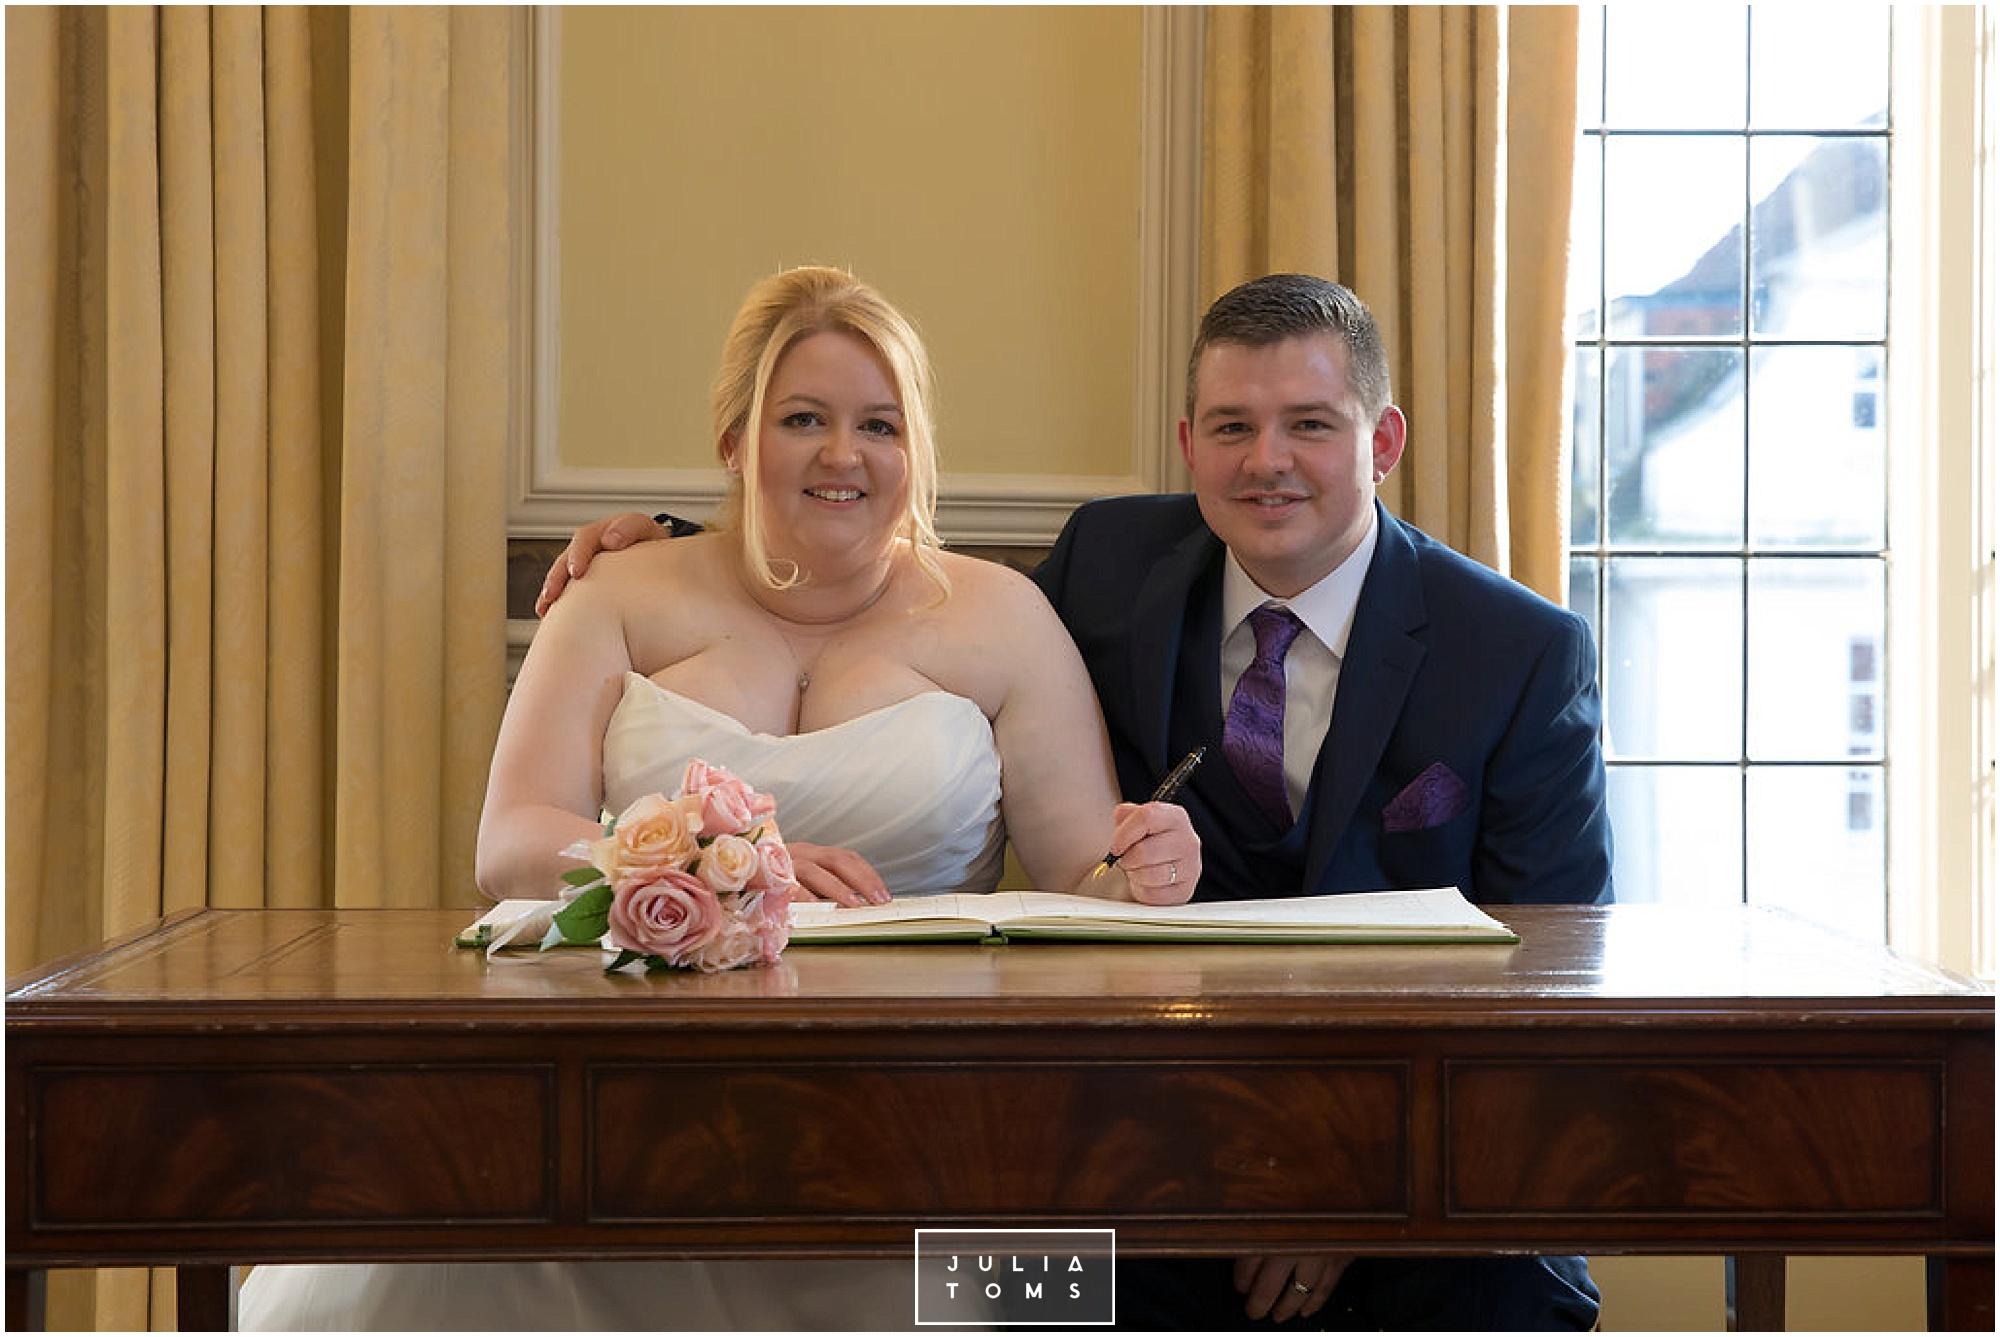 JuliaToms_chichester_wedding_photograher_edes_house_019.jpg